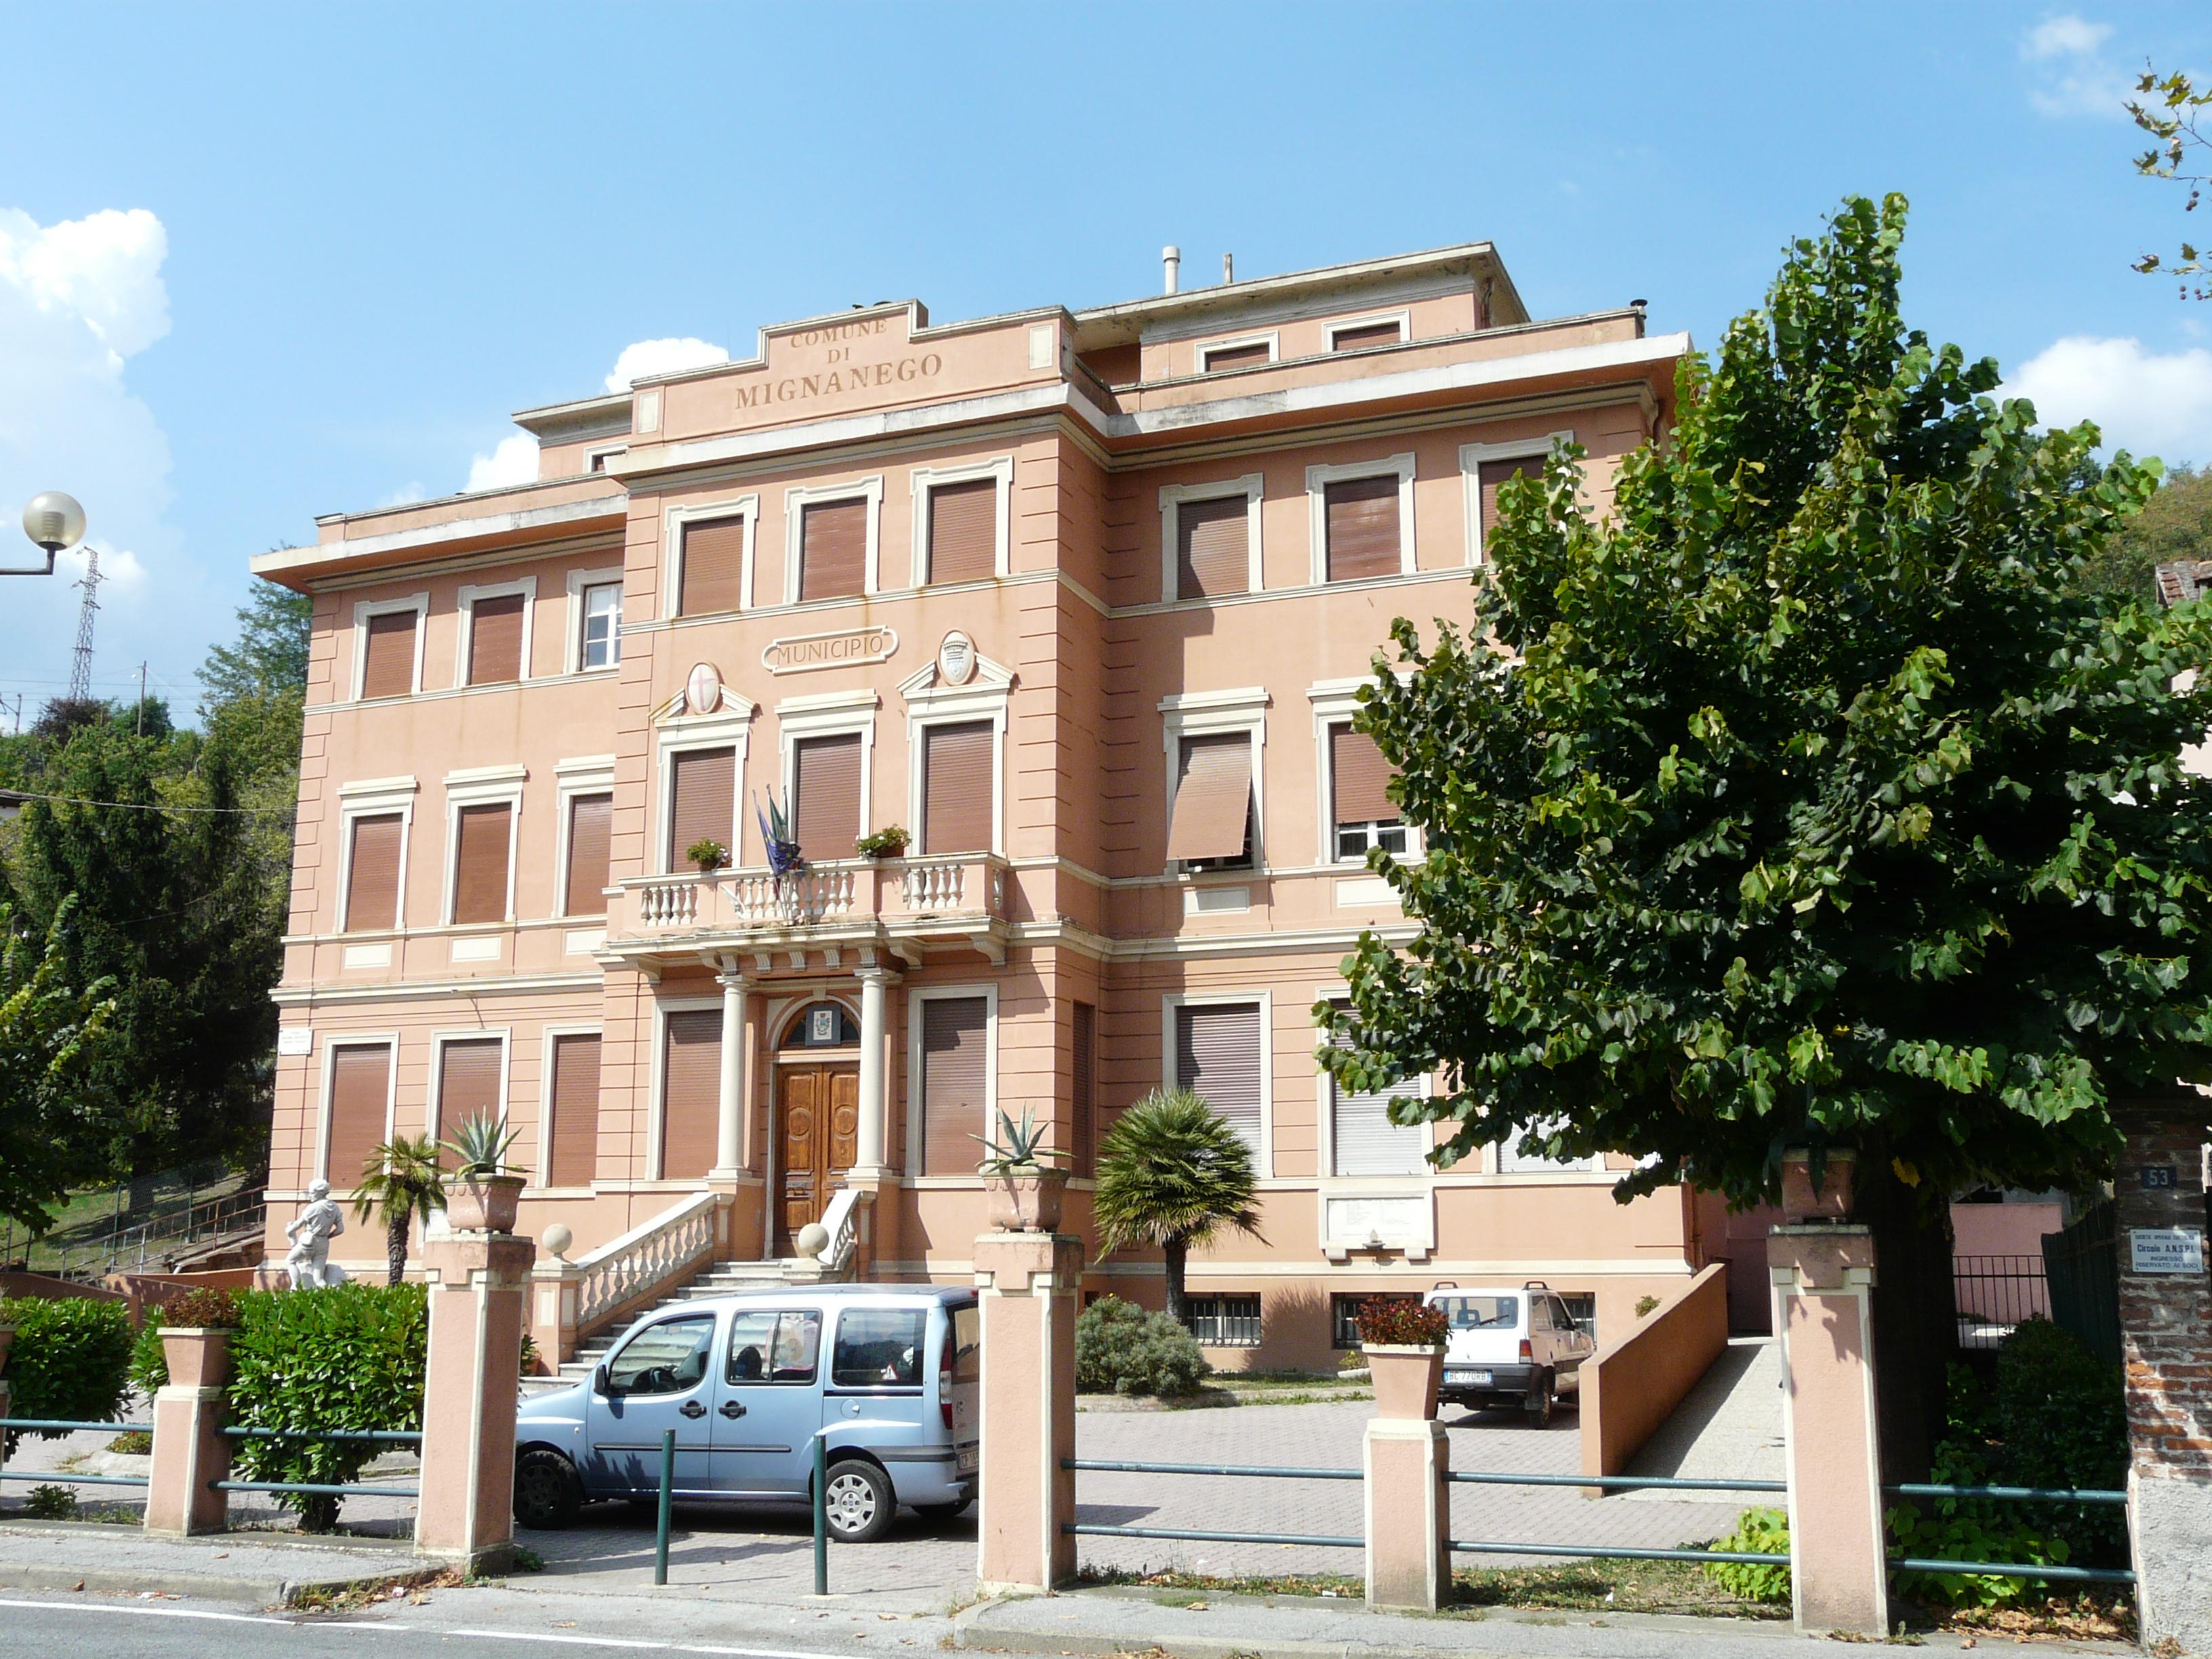 14 municipio: